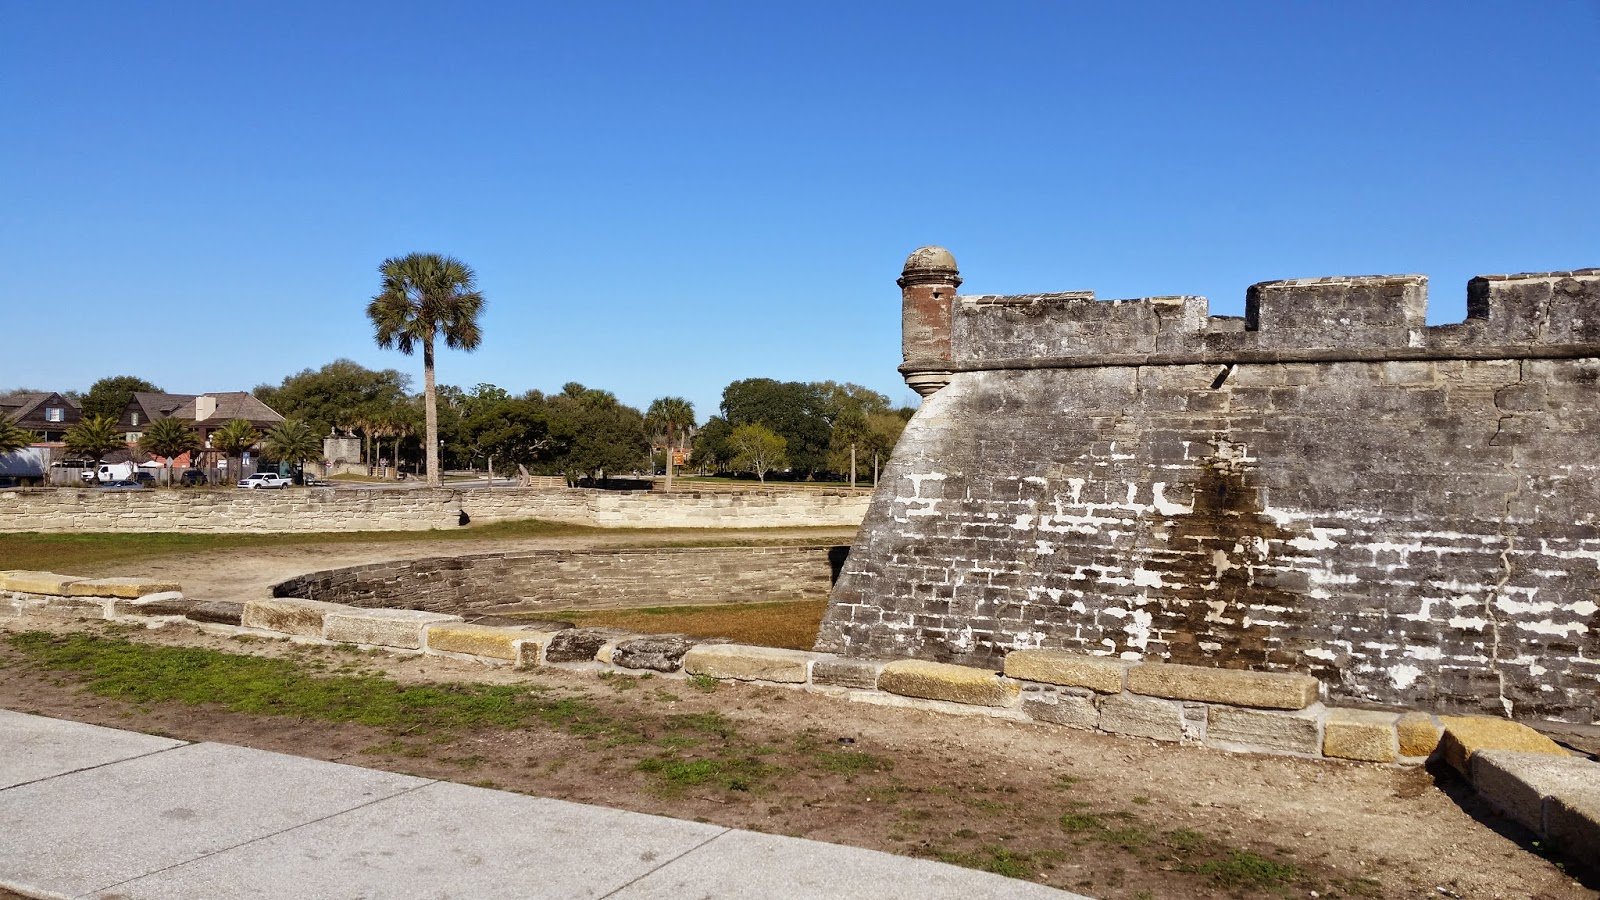 Castillo de San Marcos in St. Ausgustine FL